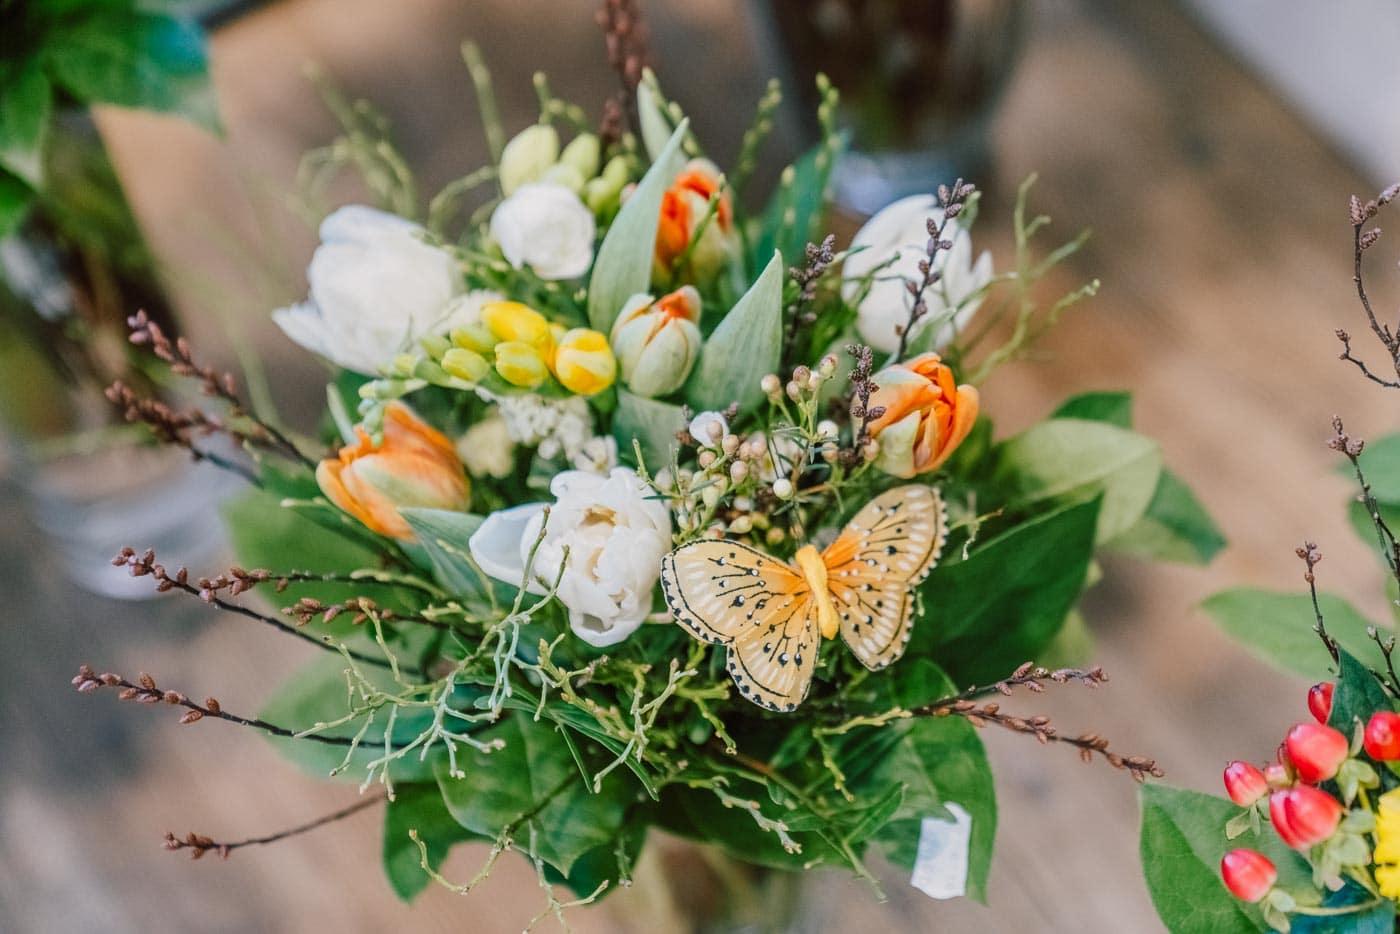 Blumen-Gaby-Strohmeier-straeusse-feb20-2